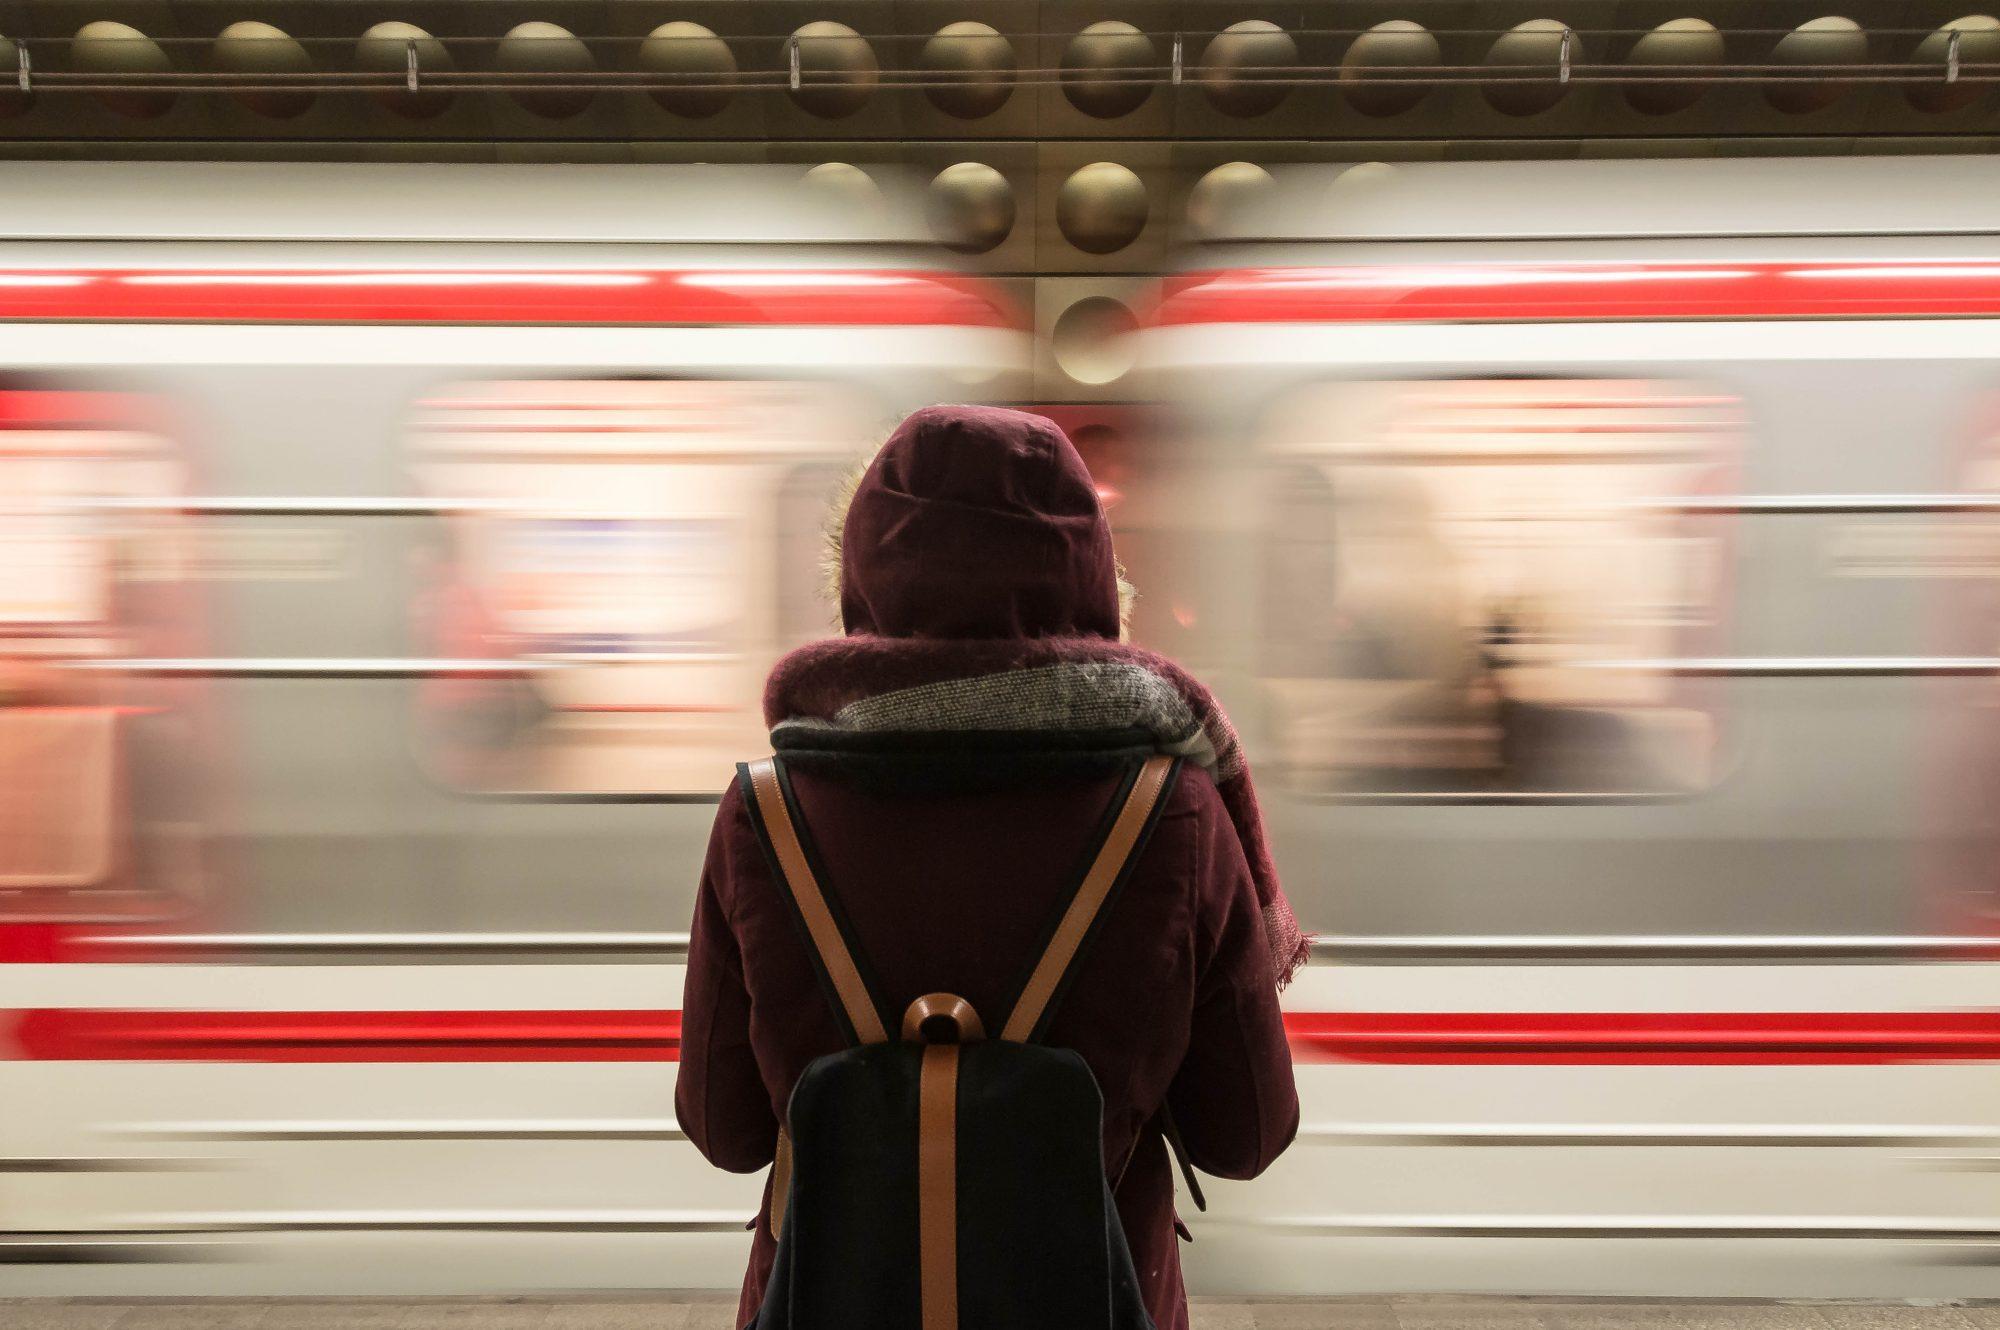 women-train